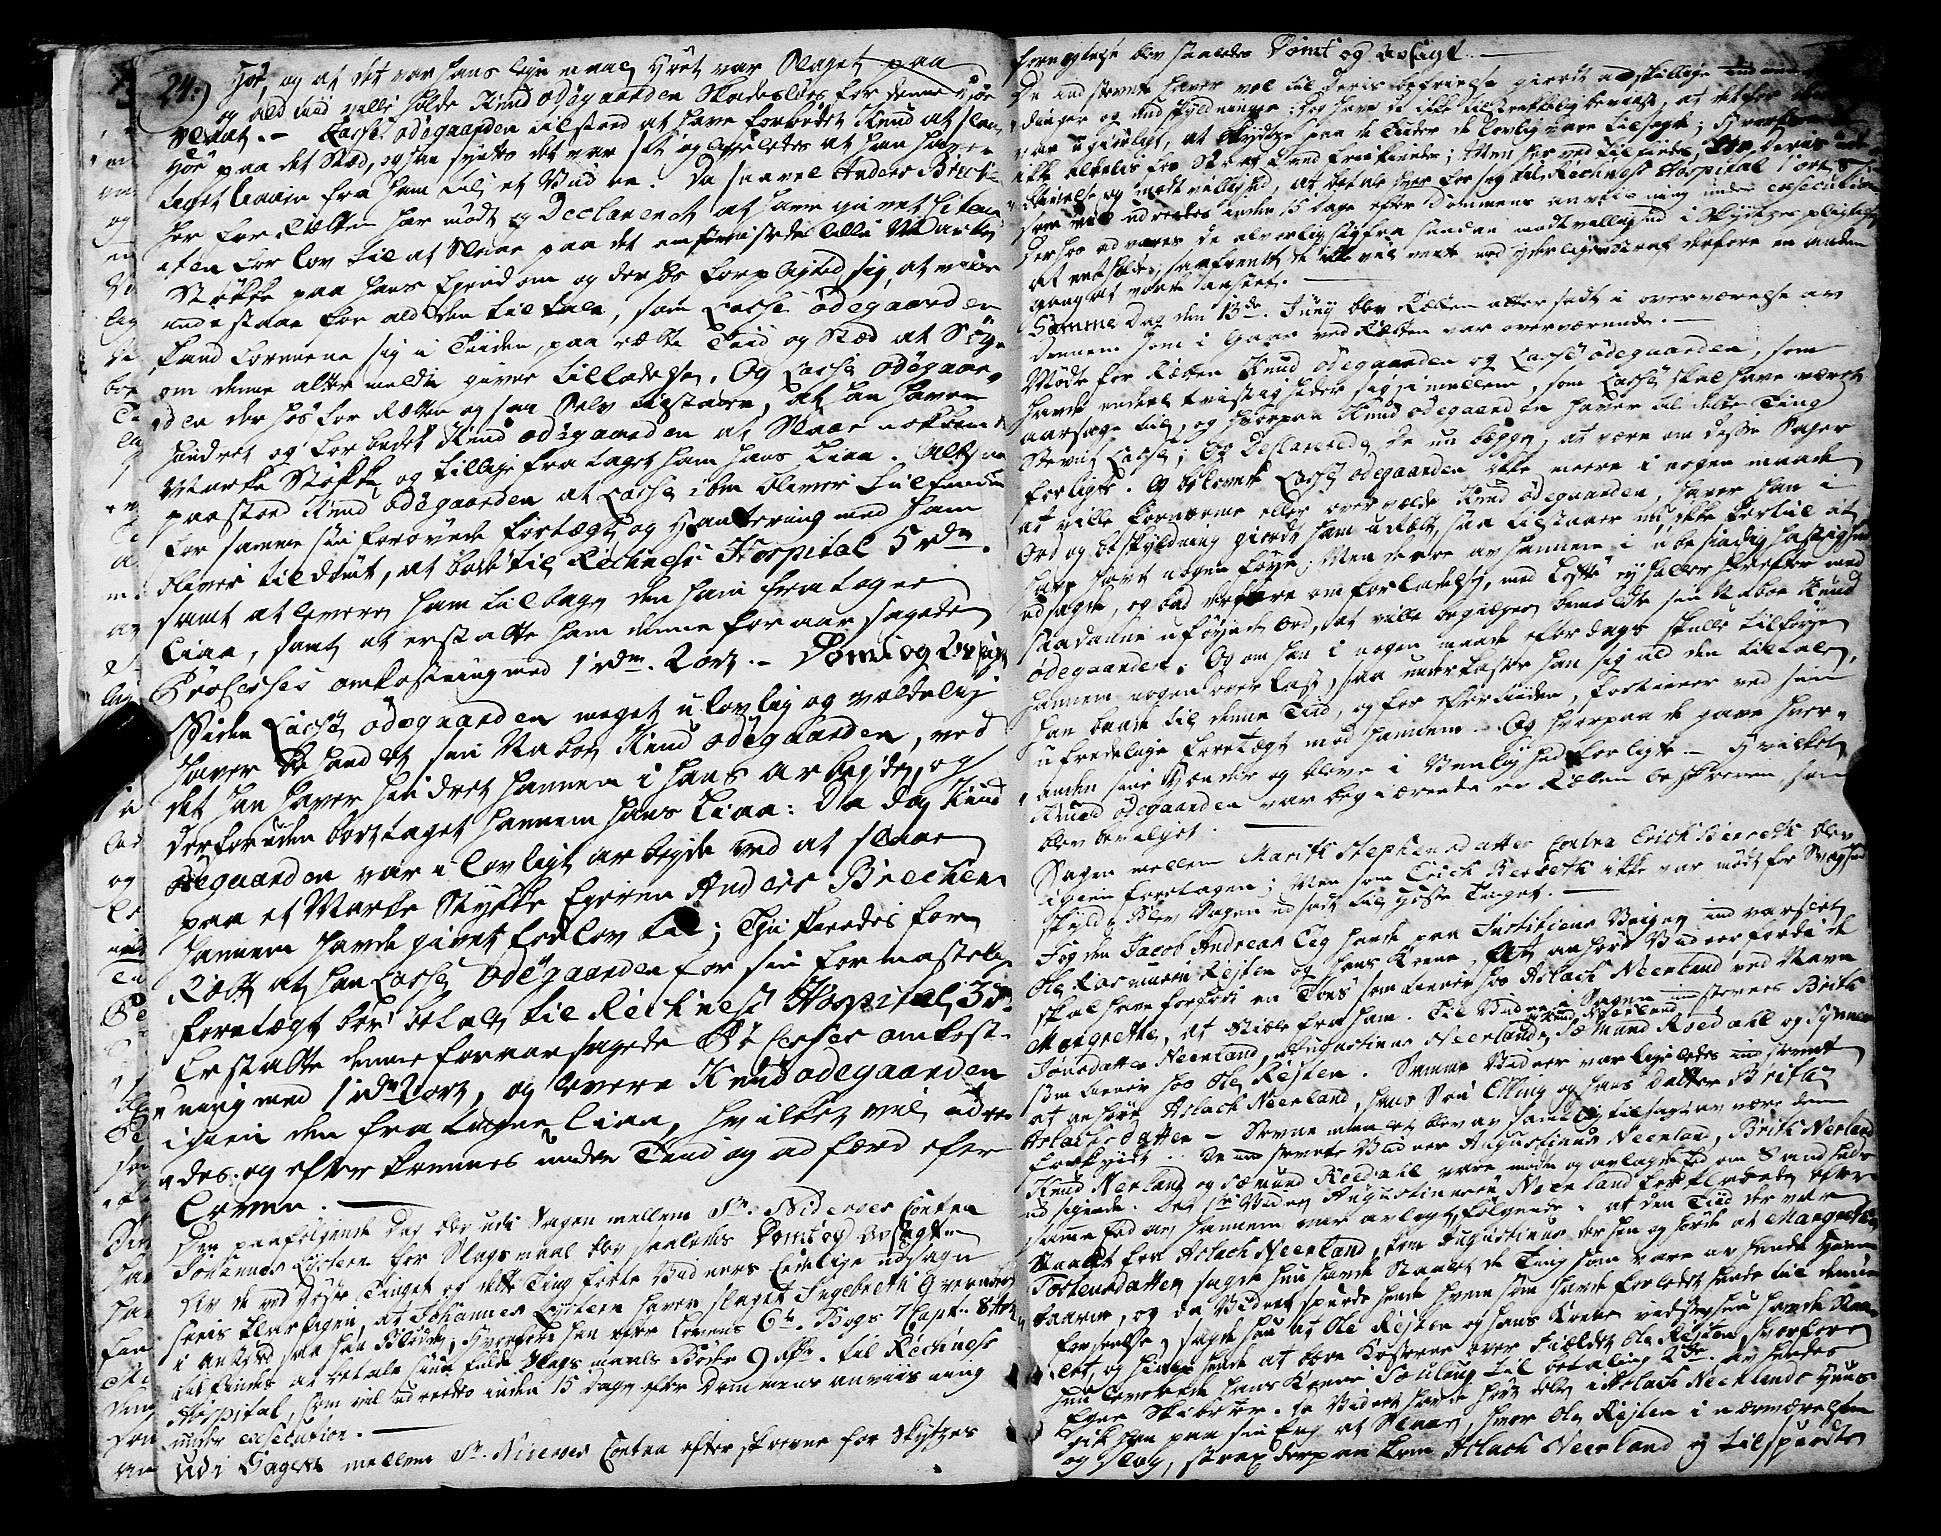 SAT, Romsdal sorenskriveri, 1/1A/L0013: Tingbok, 1749-1757, s. 24-25